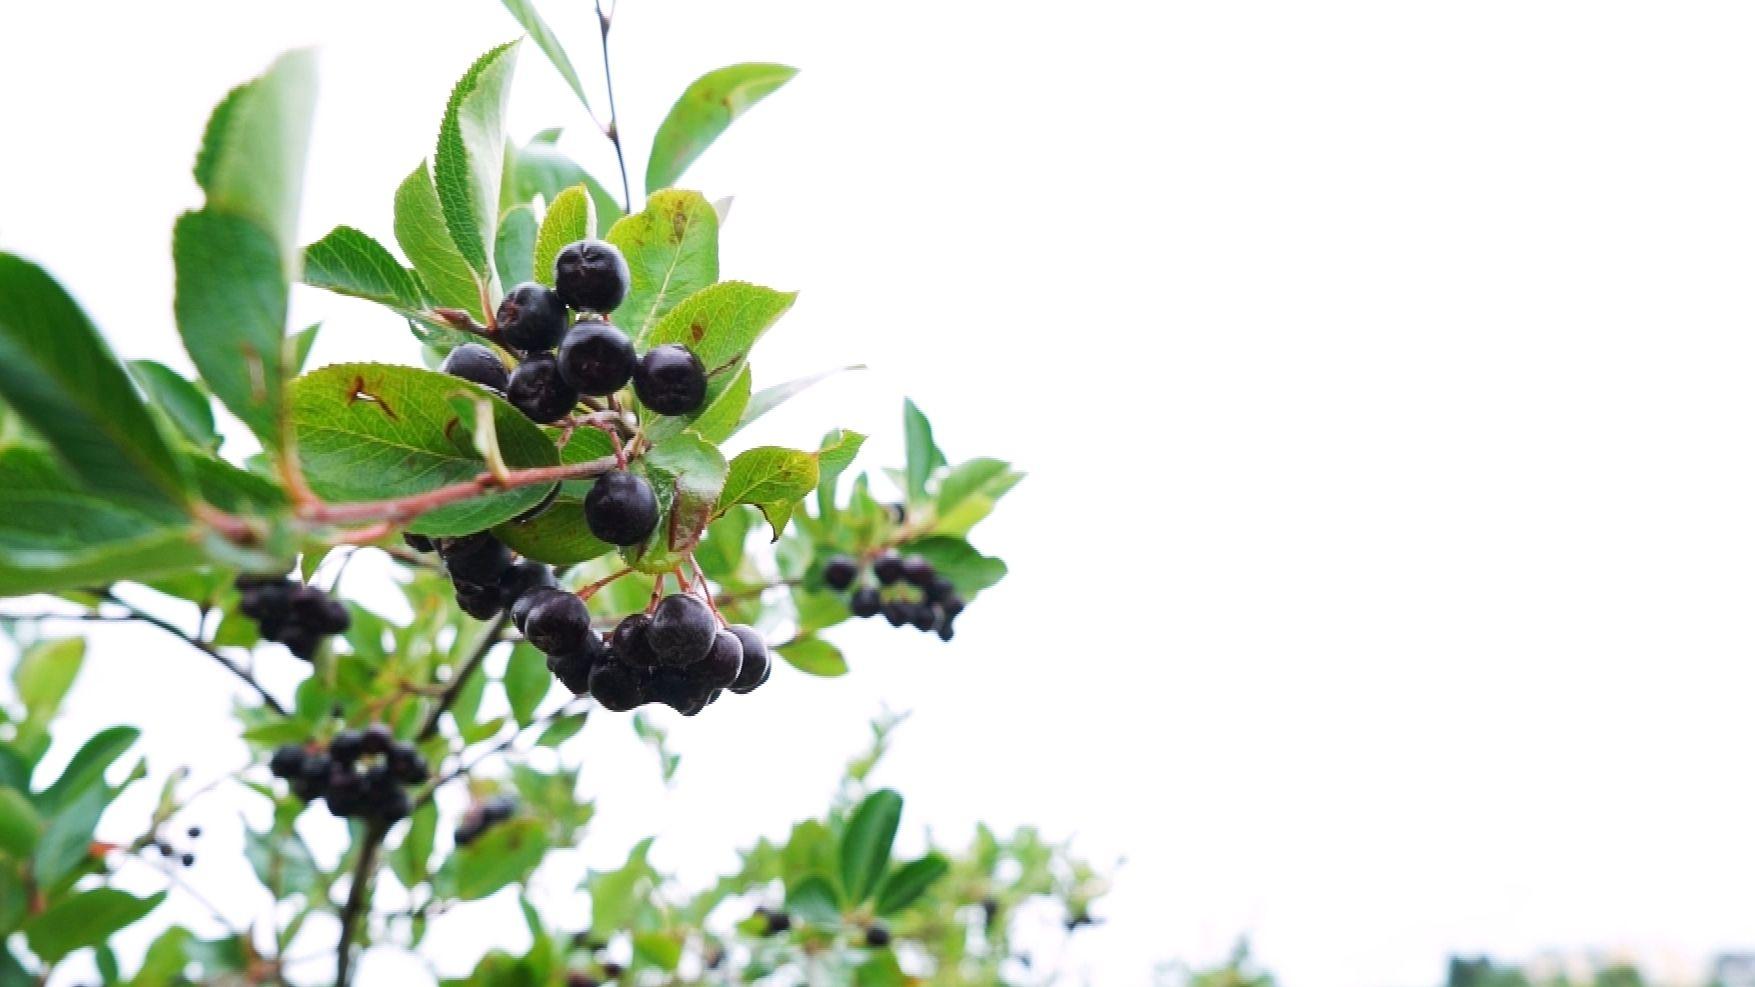 Aronia-Beeren auf der Plantage in Mitterteich